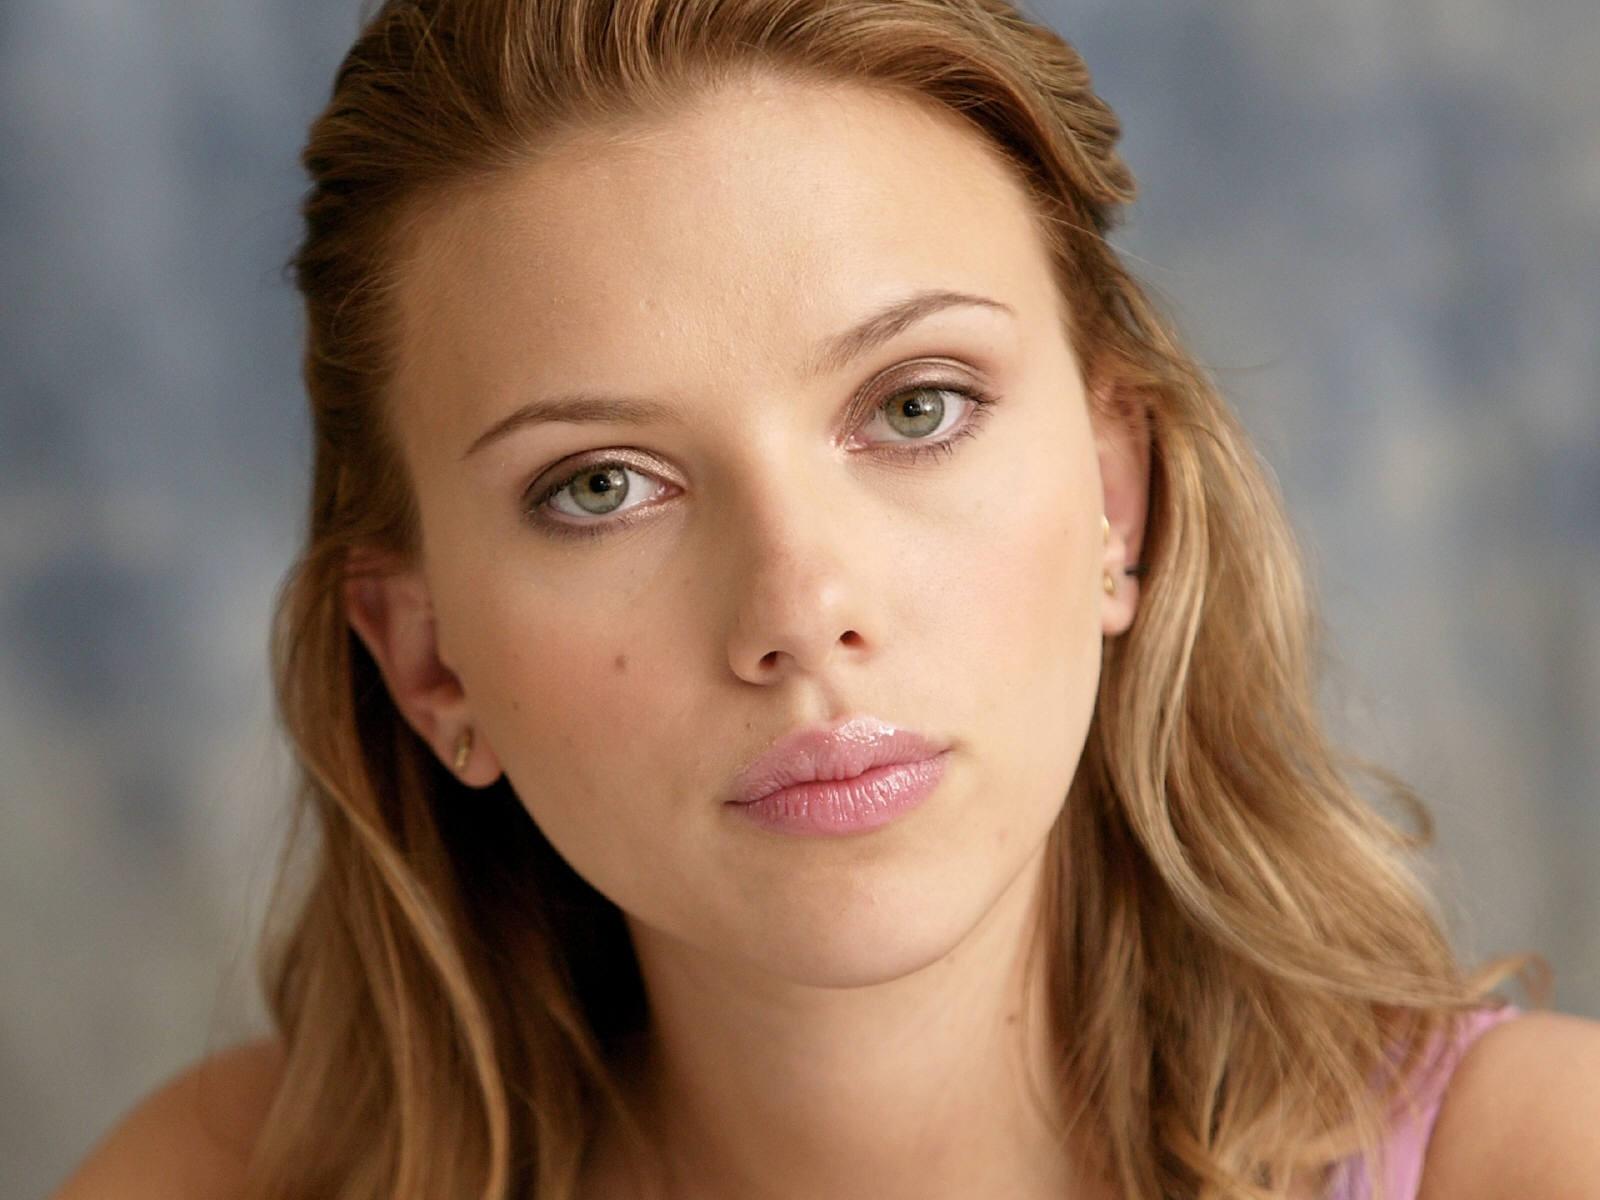 Scarlett johansson archives - Scarlett johansson blogspot ...